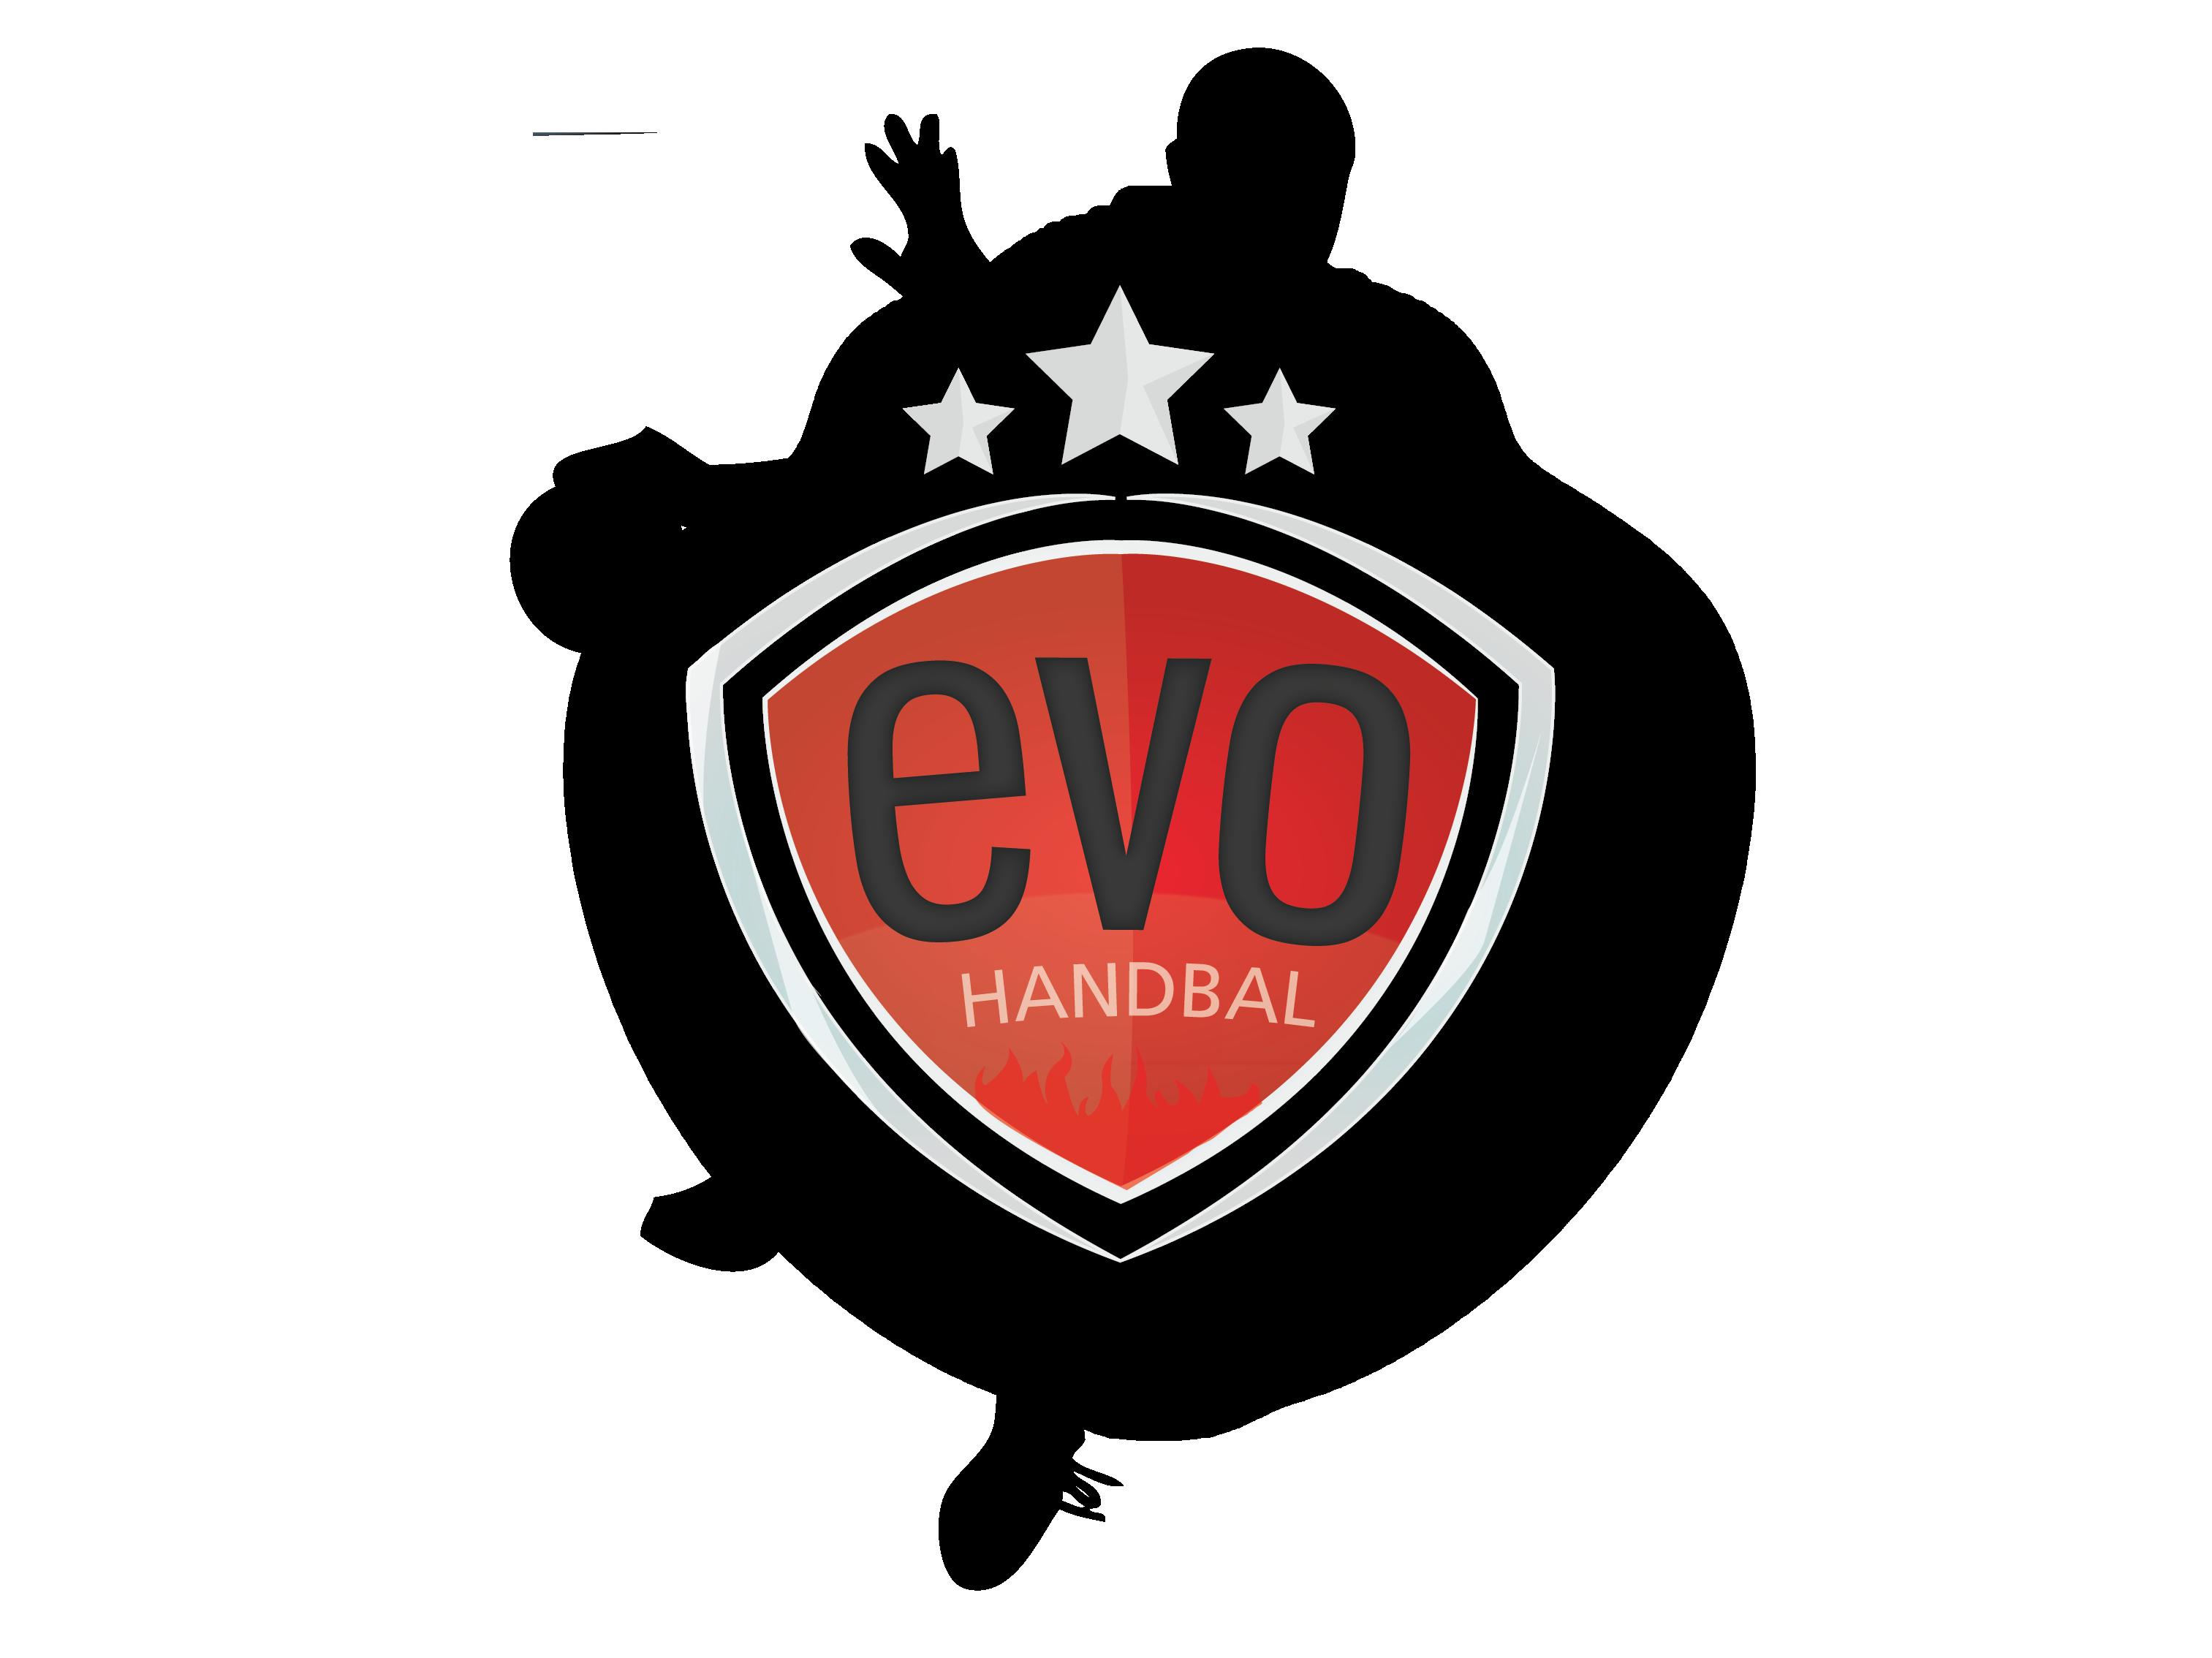 EVO Handbal.